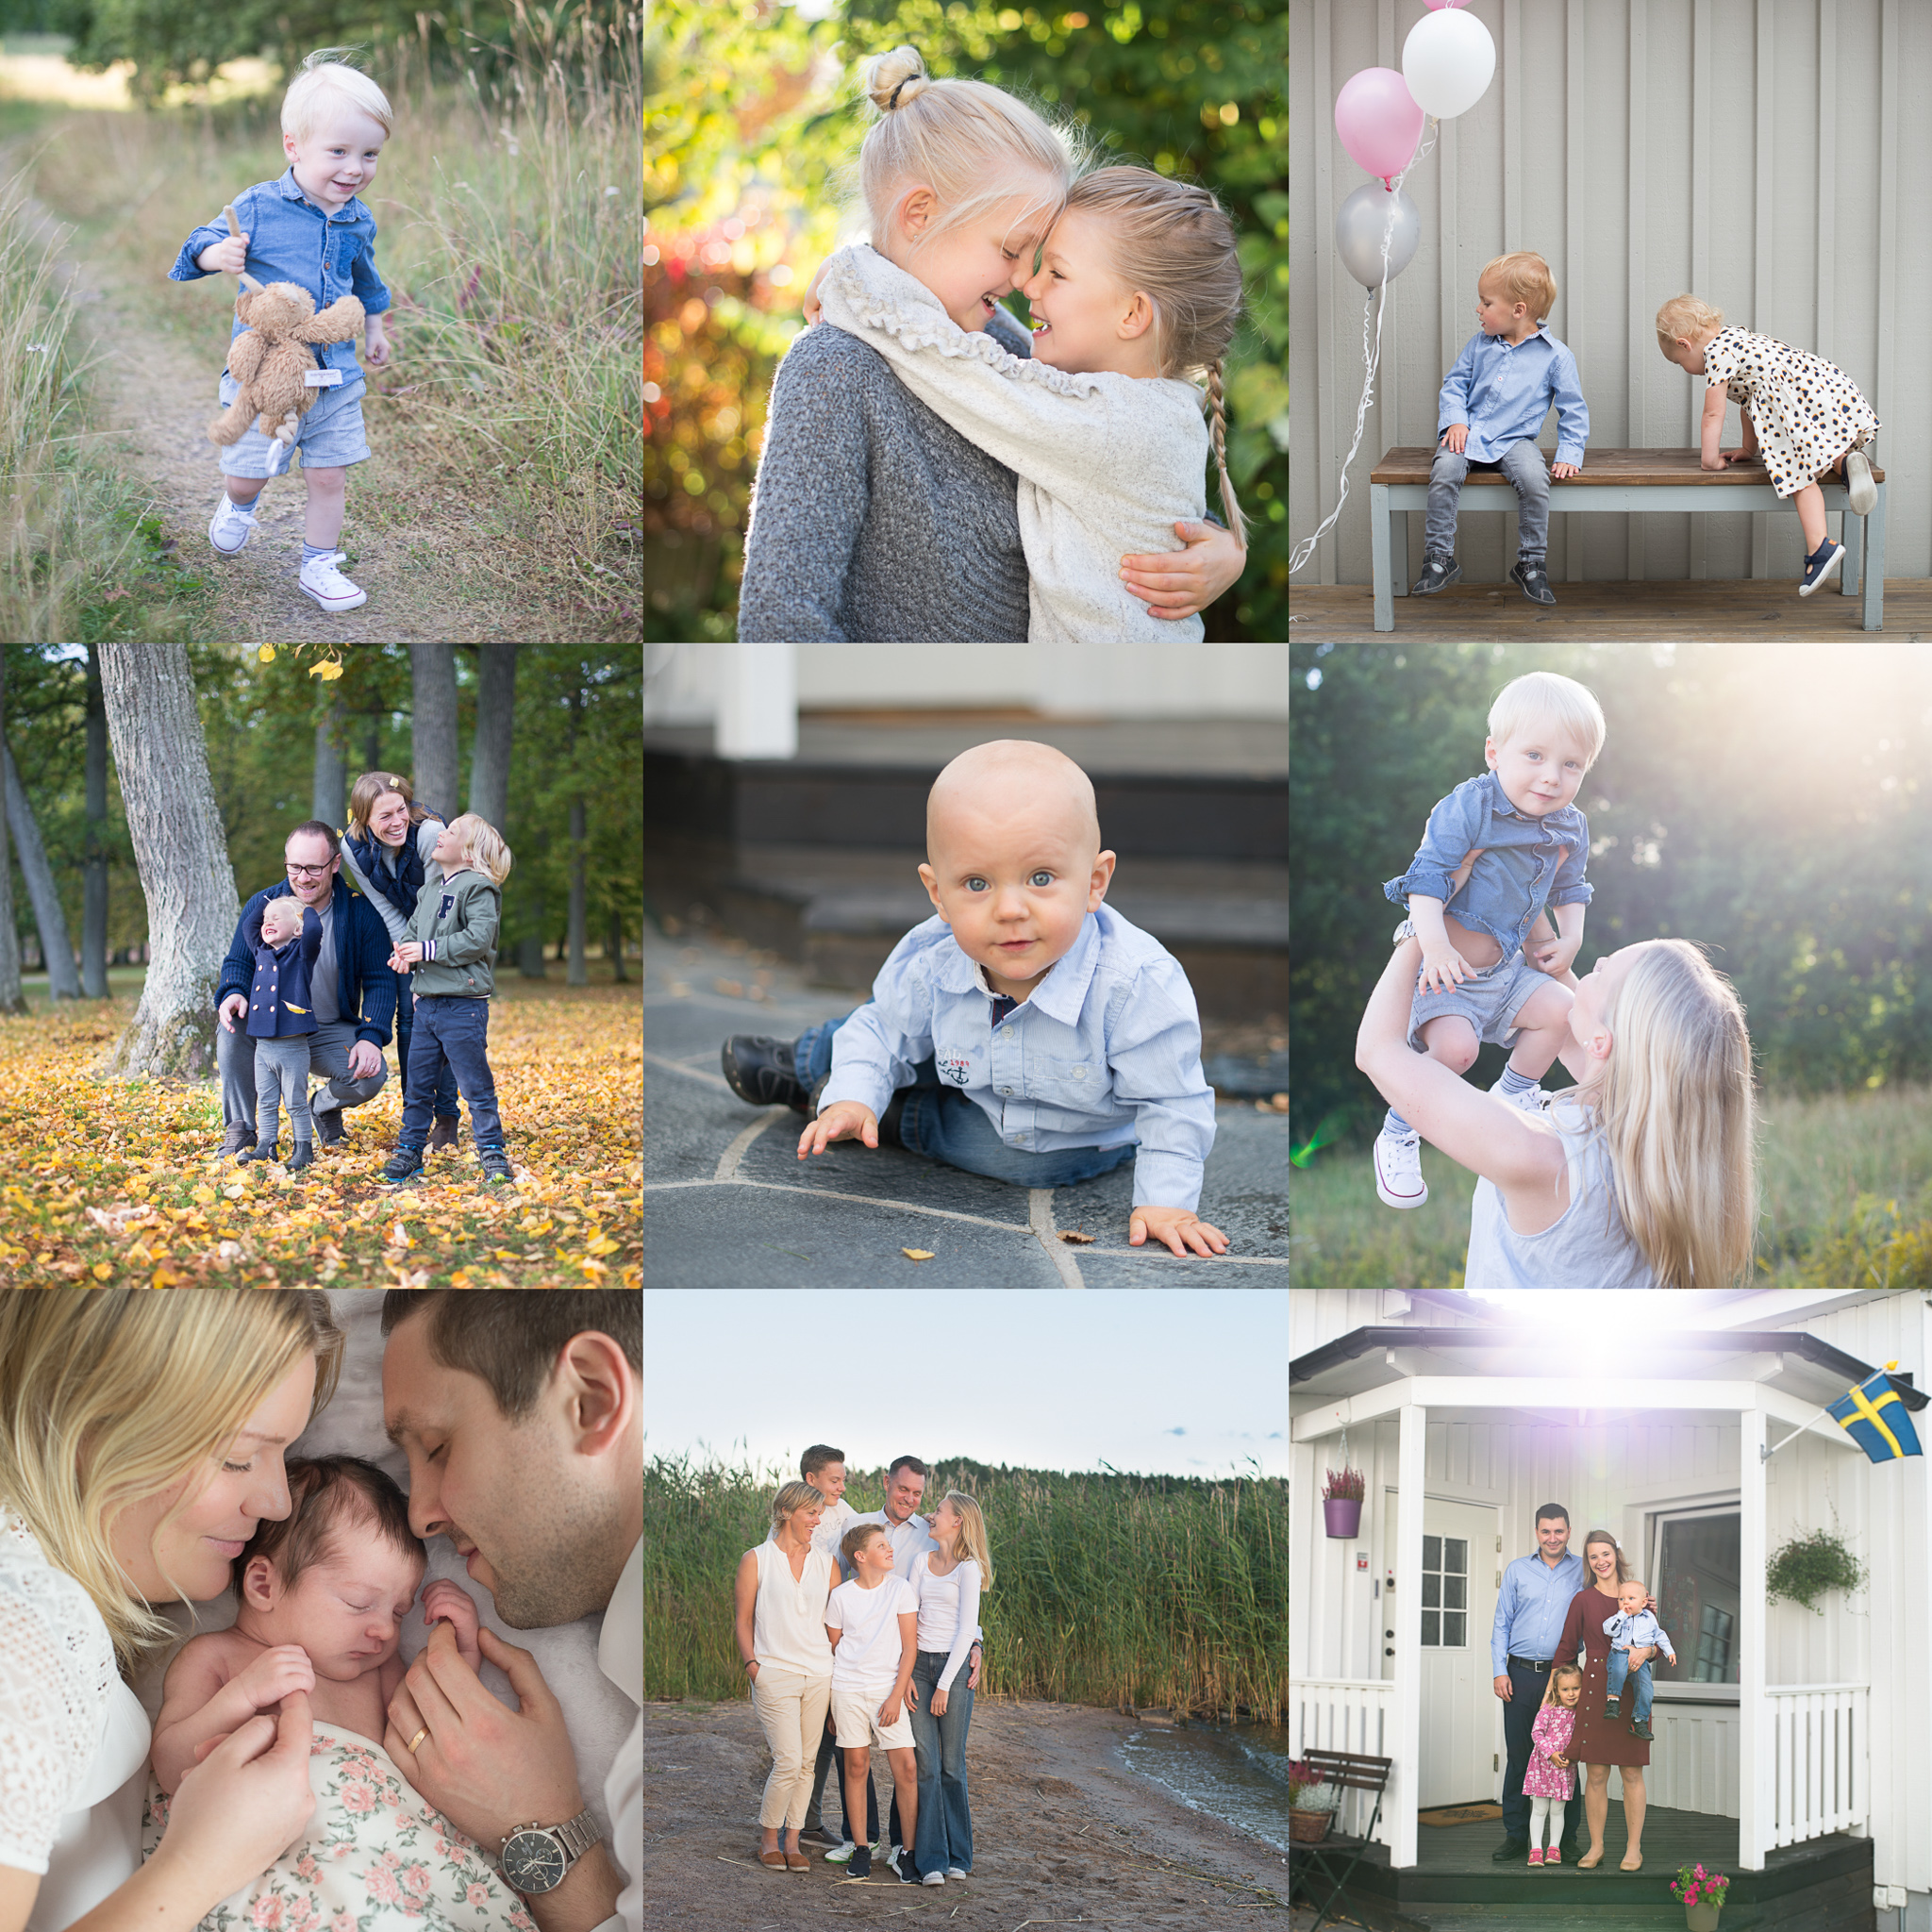 Barn & Familj Fotograf Erika Aminoff fotar barn och familjer utomhus eller hemma hos er